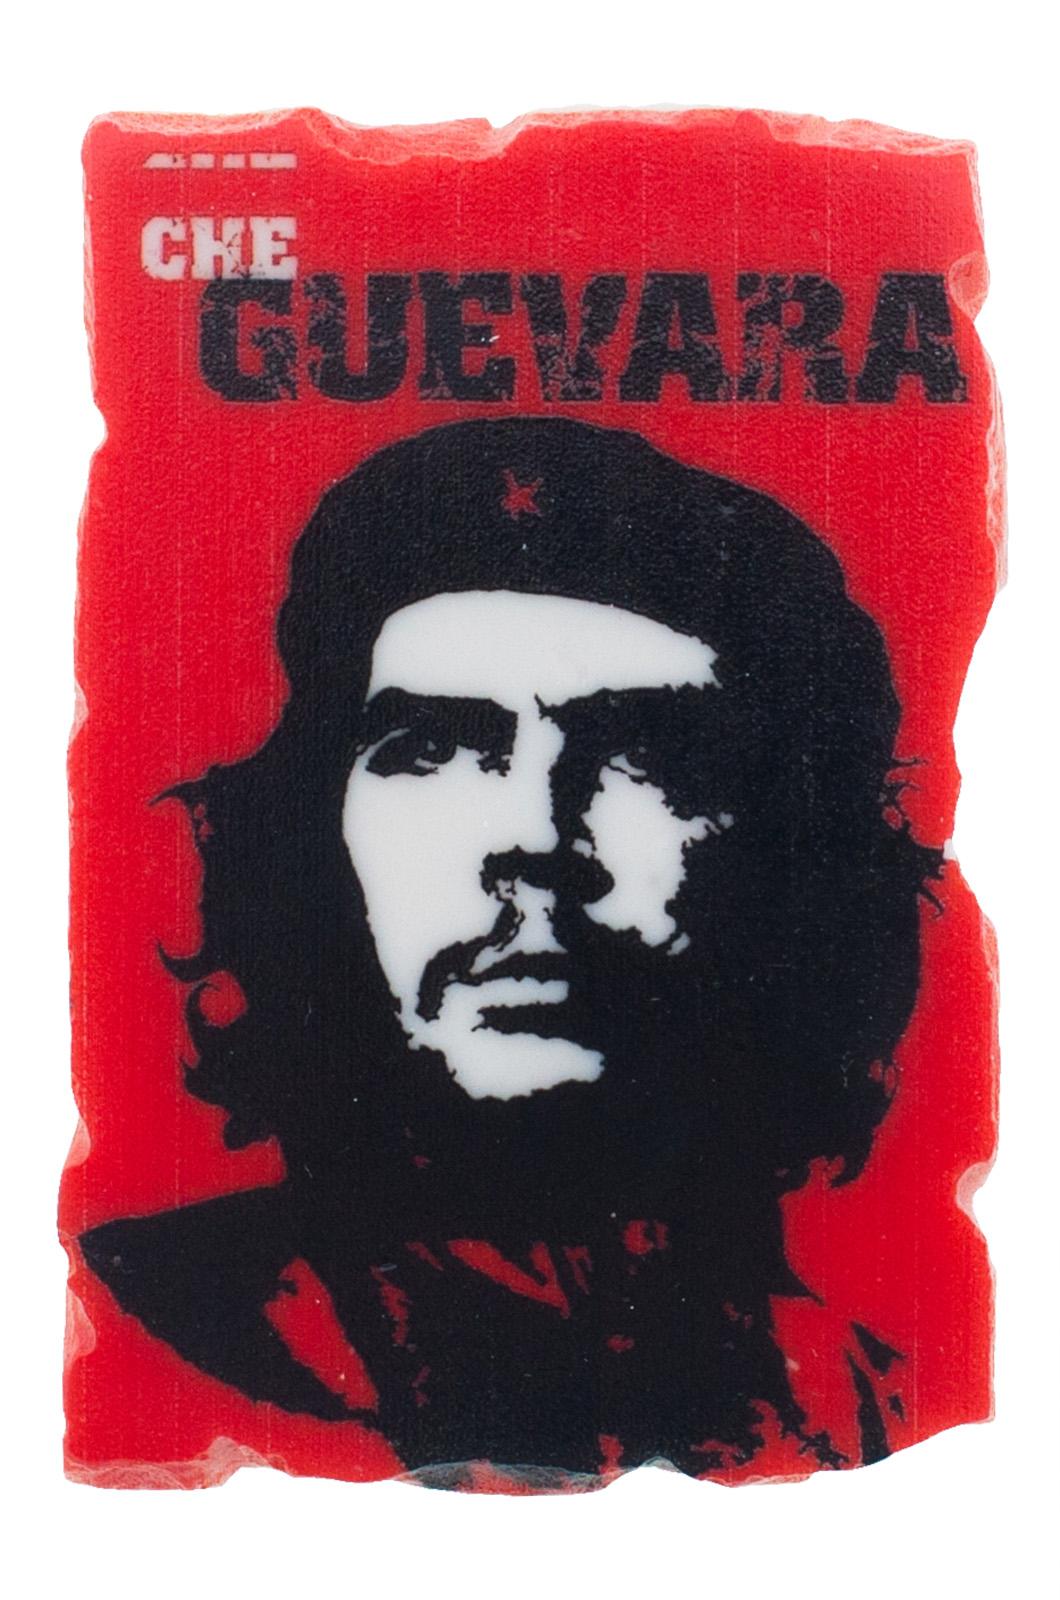 """Купить магнит """"Че Гевара"""" по выгодной цене с доставкой по стране"""